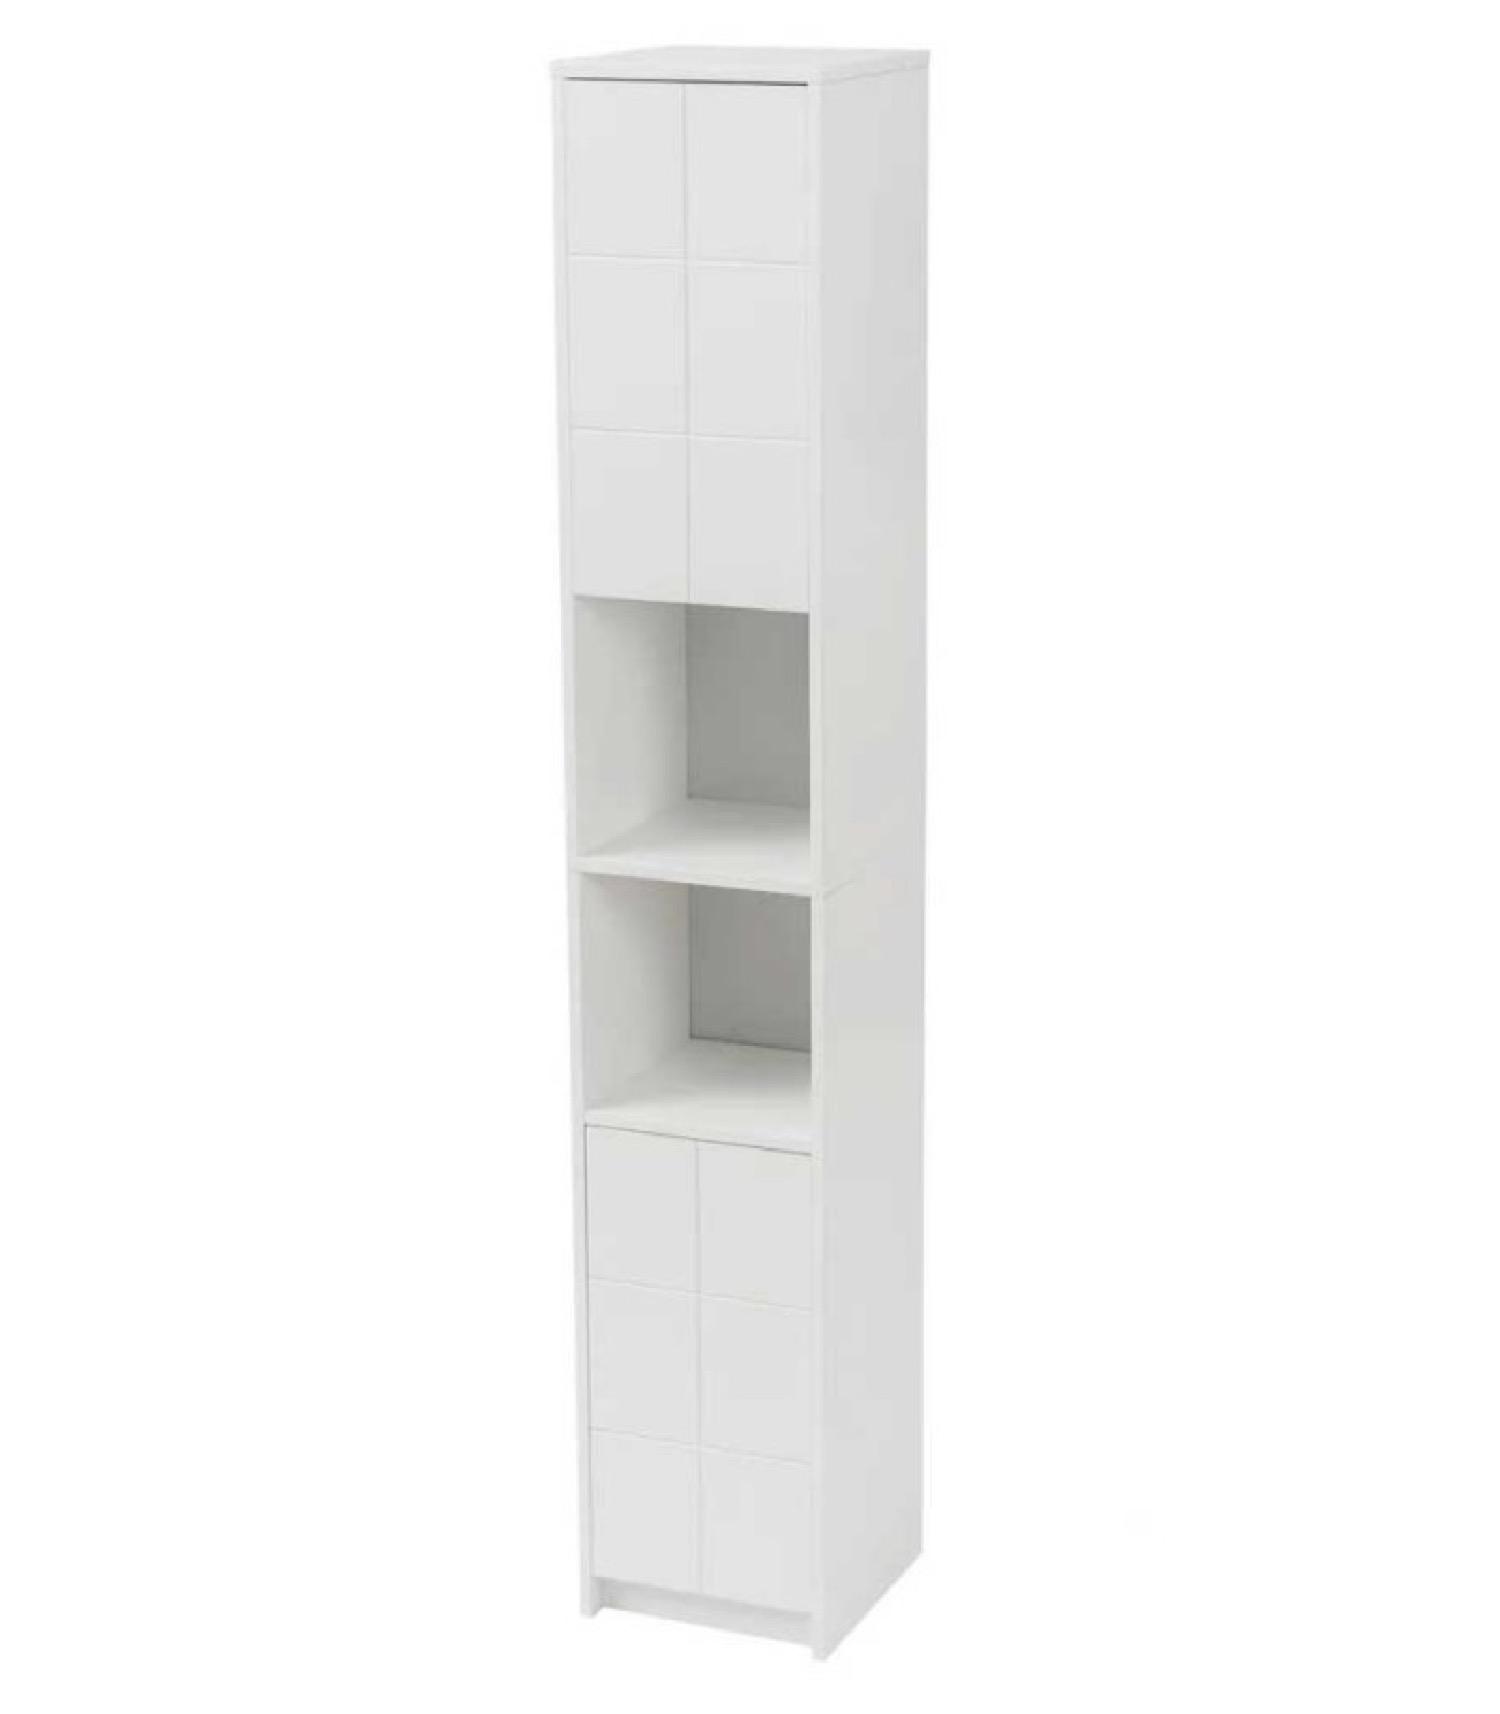 Étagère de salle de bain en bois blanc 30x30cm H172cm